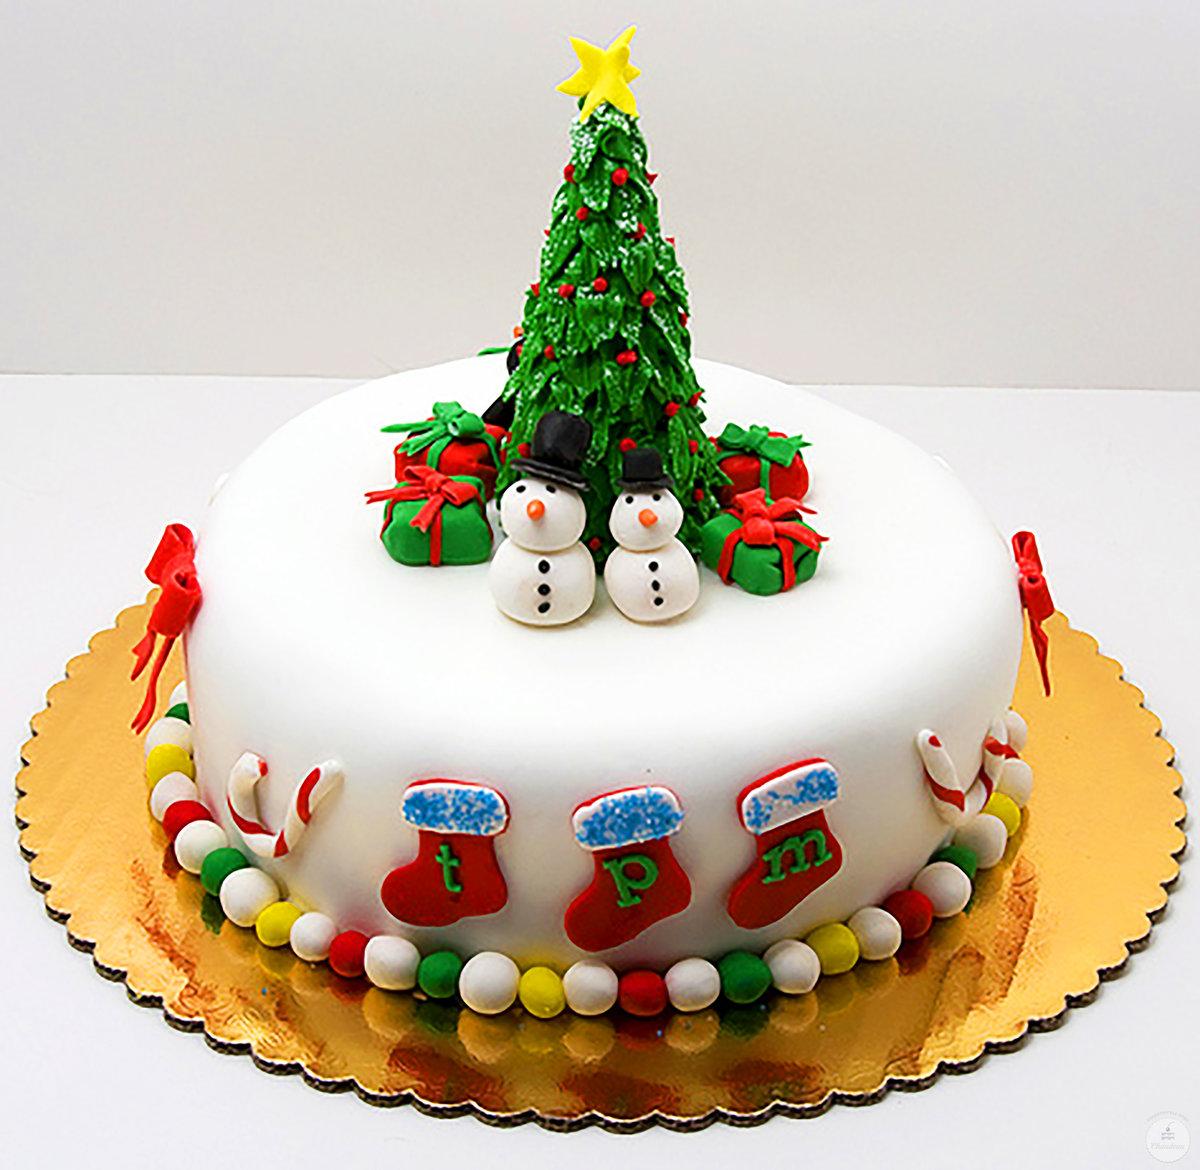 вообще торт с новым годом картинки день рождения шуточные